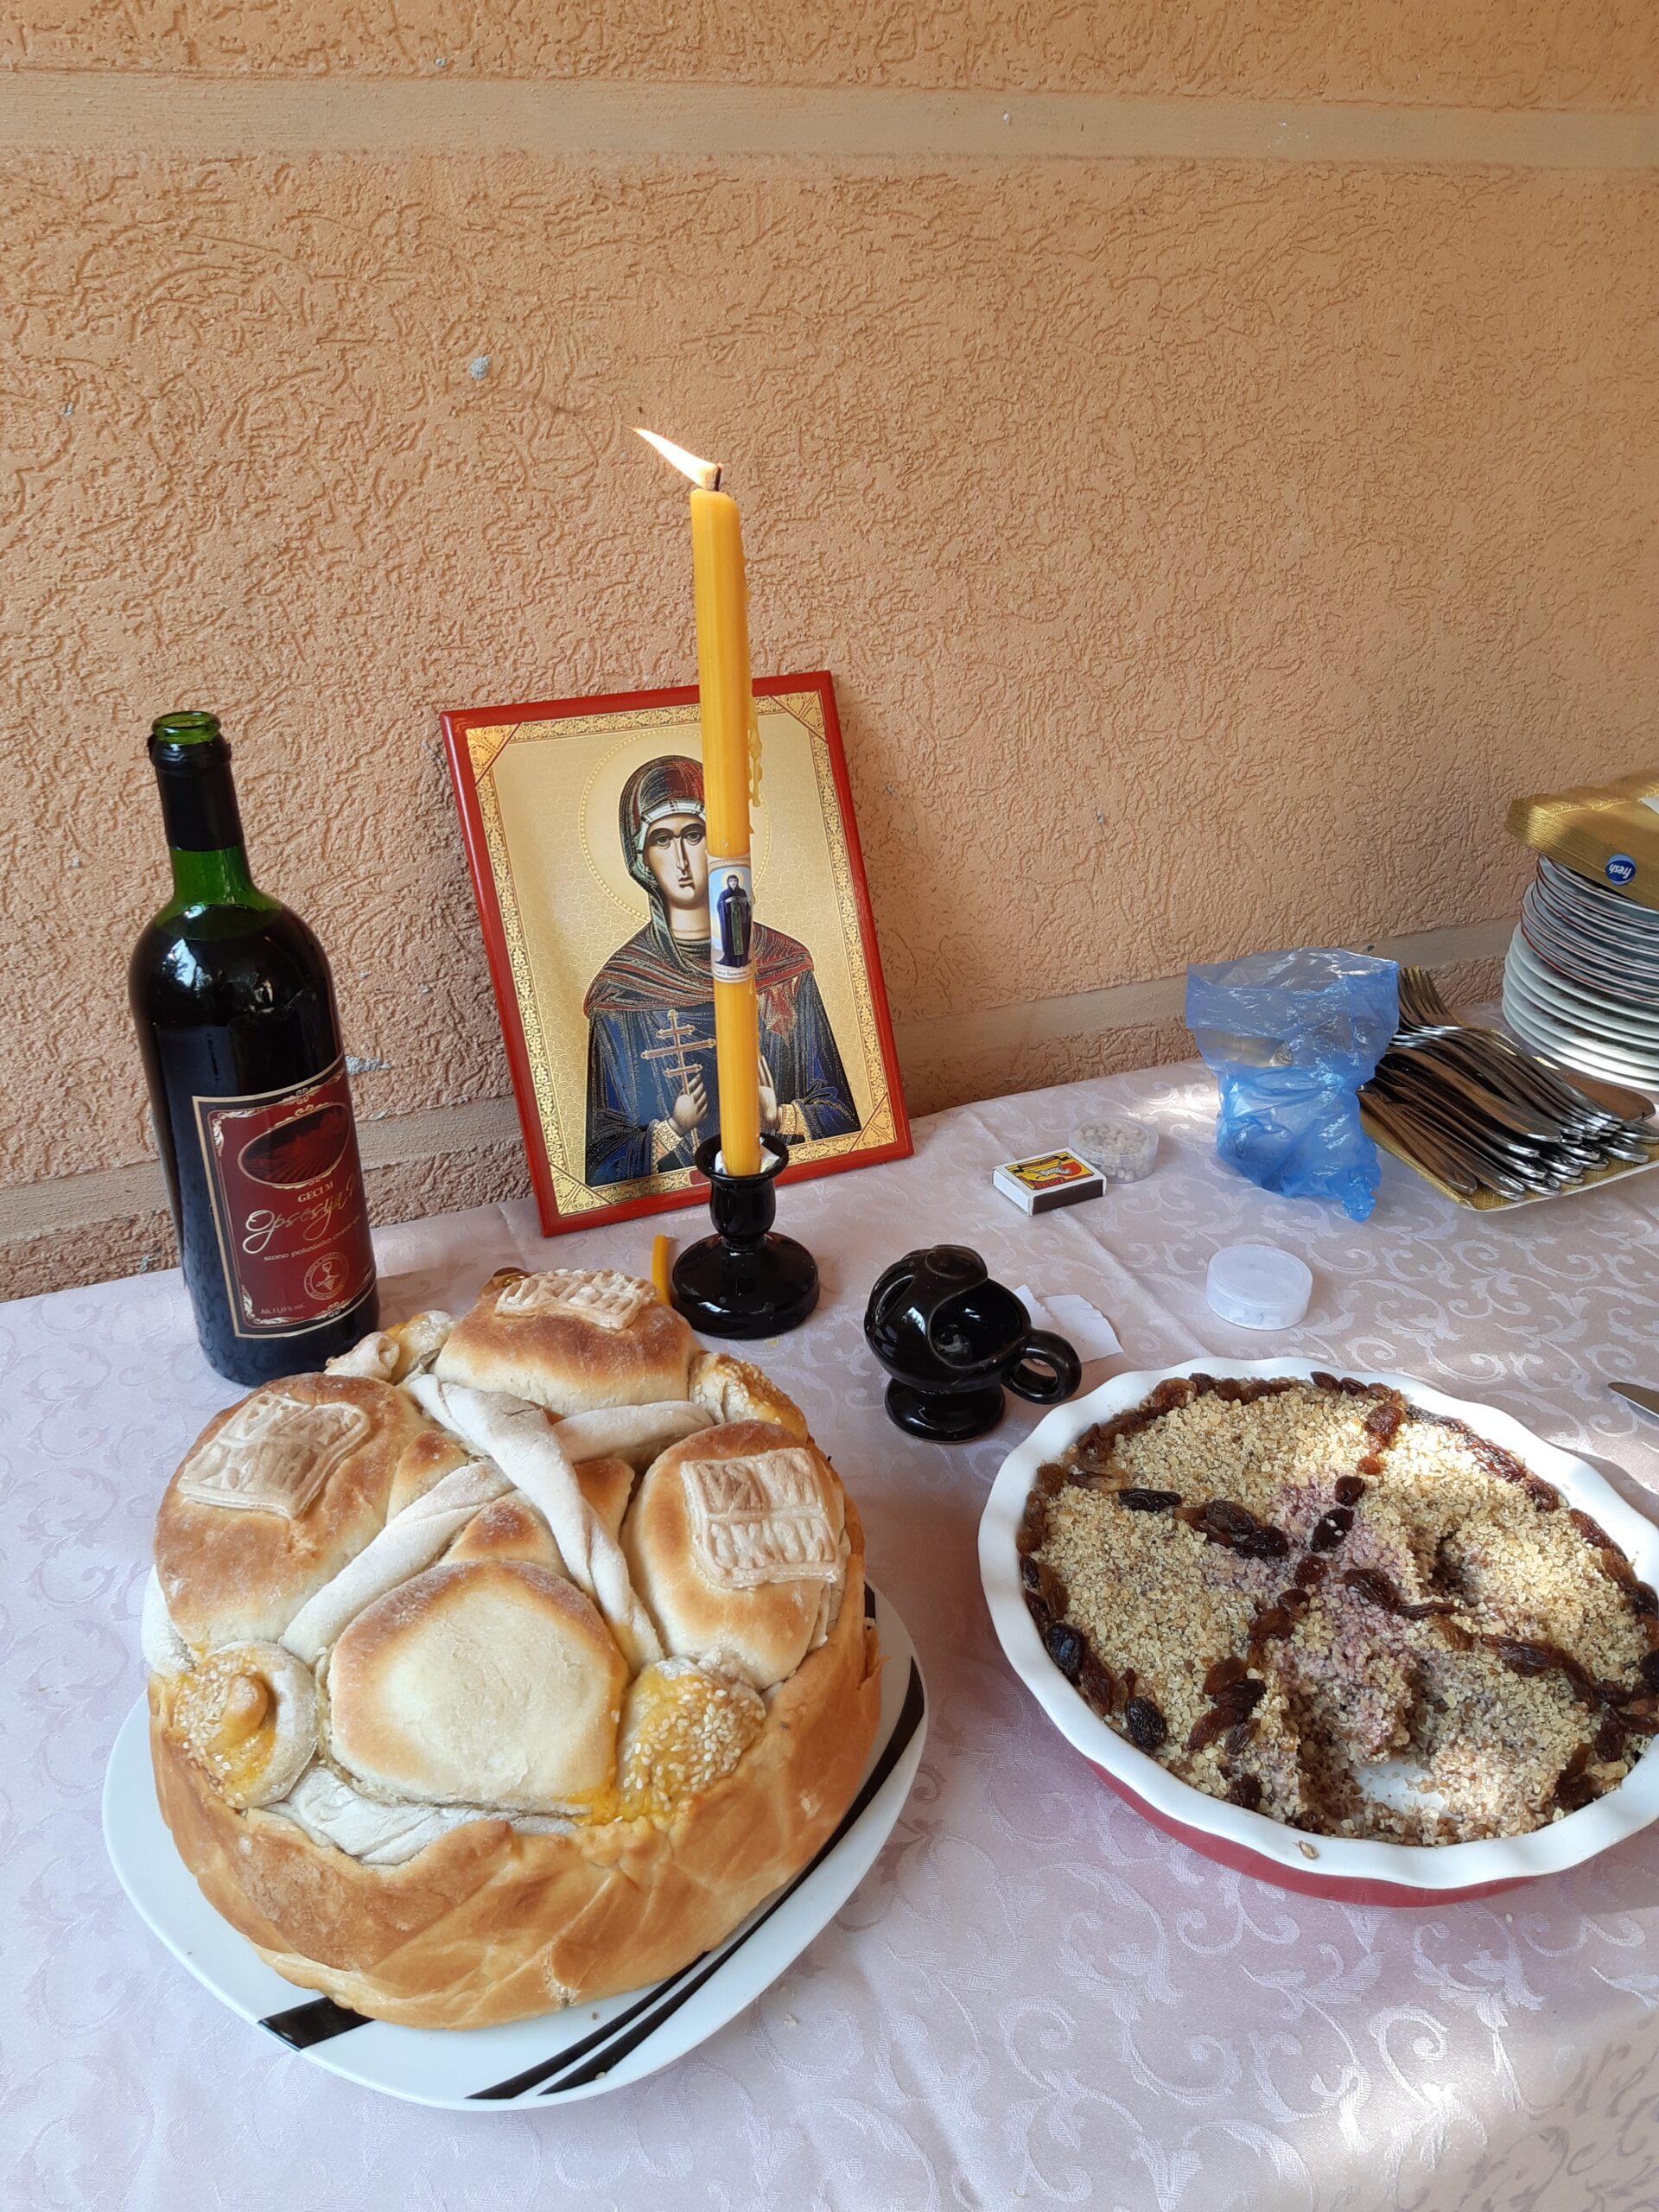 slavski kolač, žito, vino, sveća, akademska srpska asocijacija